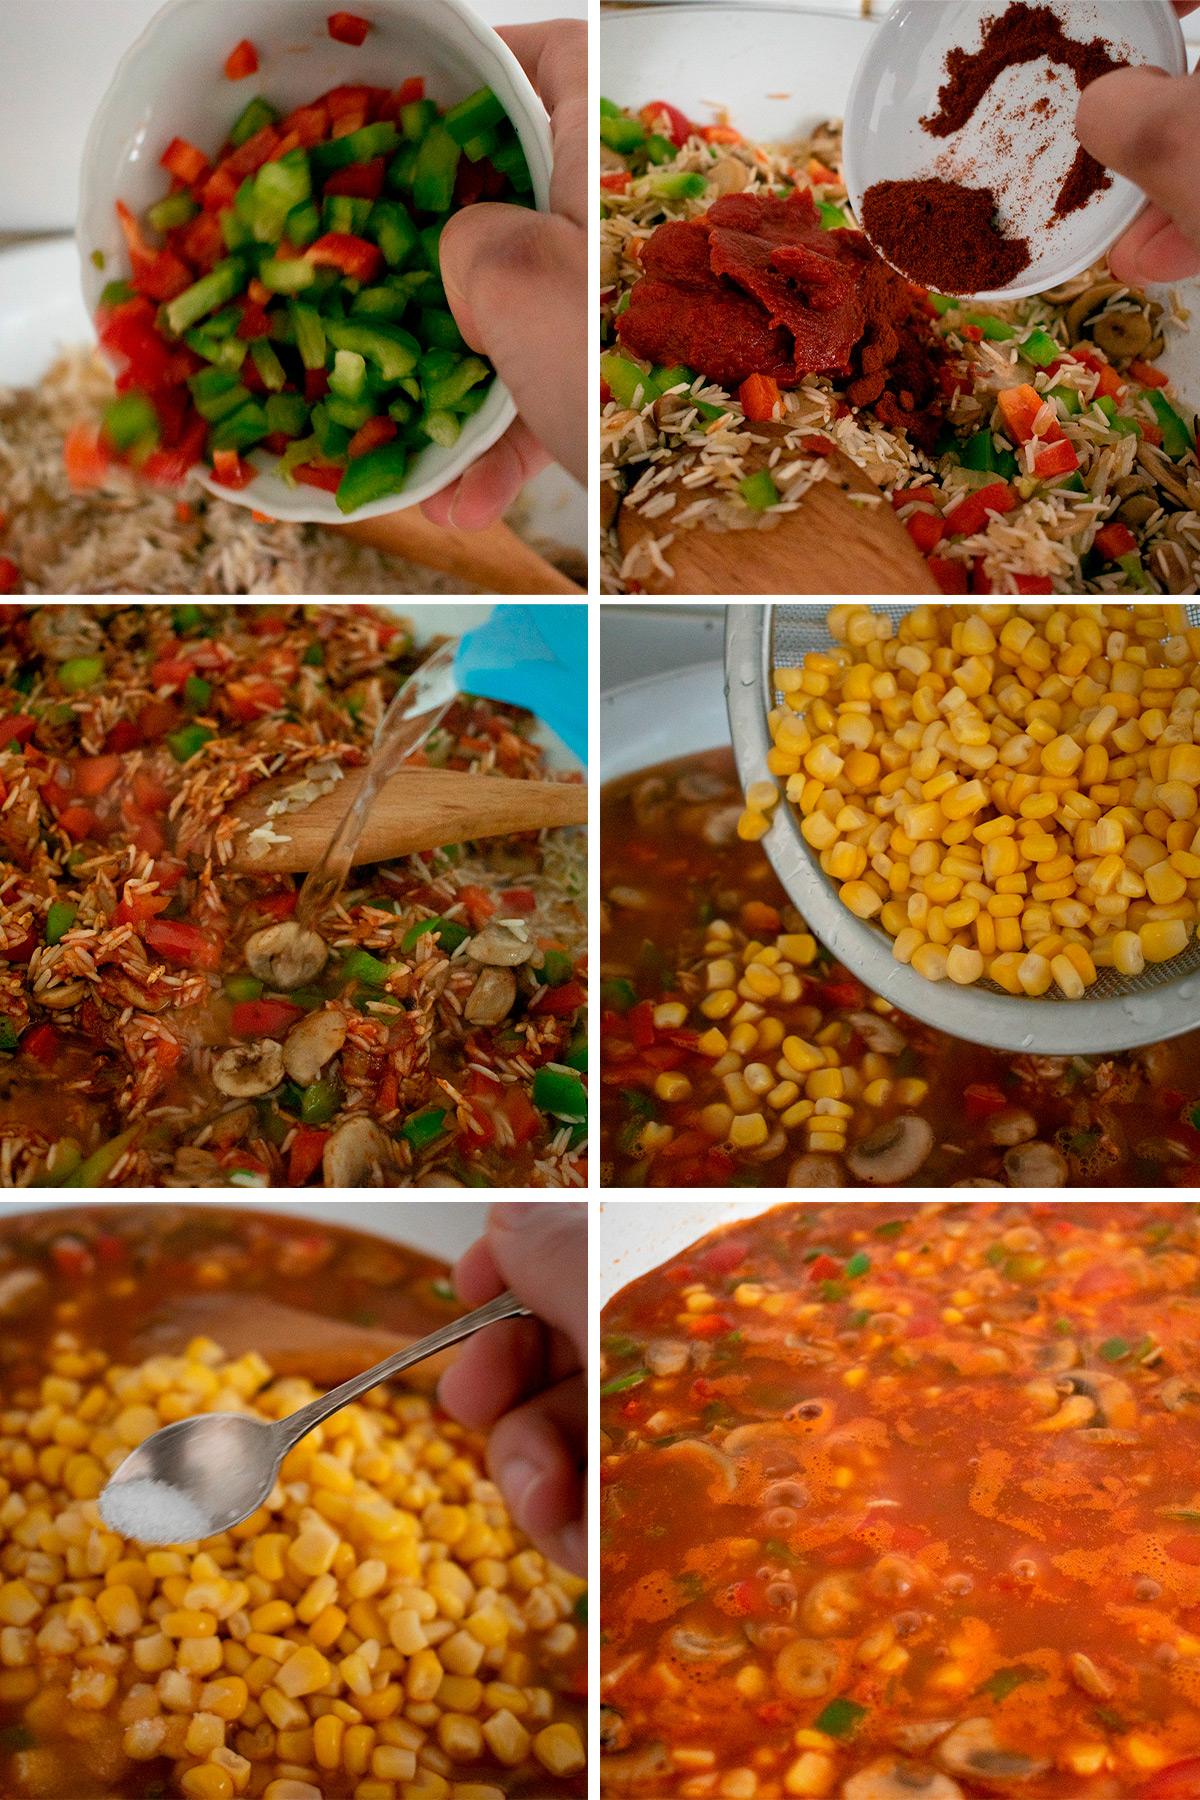 receta de arroz pilaf con verduras con fotos paso a paso